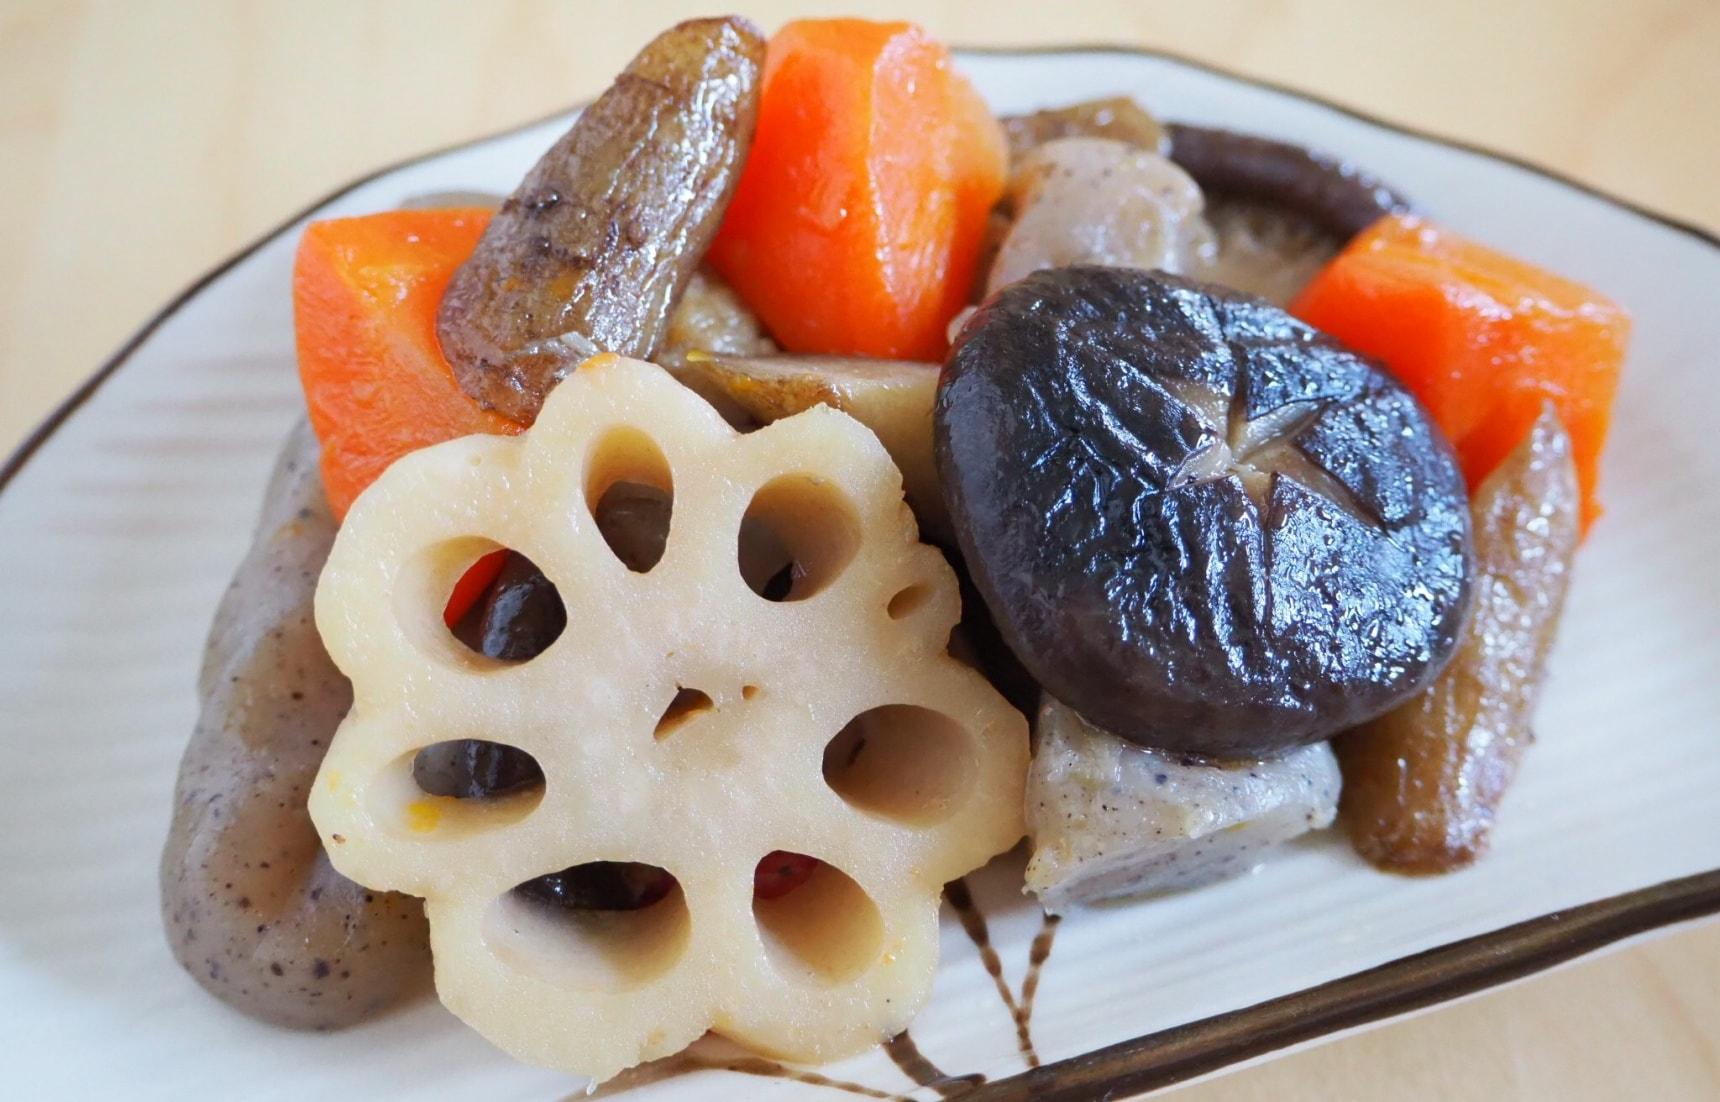 สูตร โอนิชิเมะ ผักตุ๋นแบบญี่ปุ่น